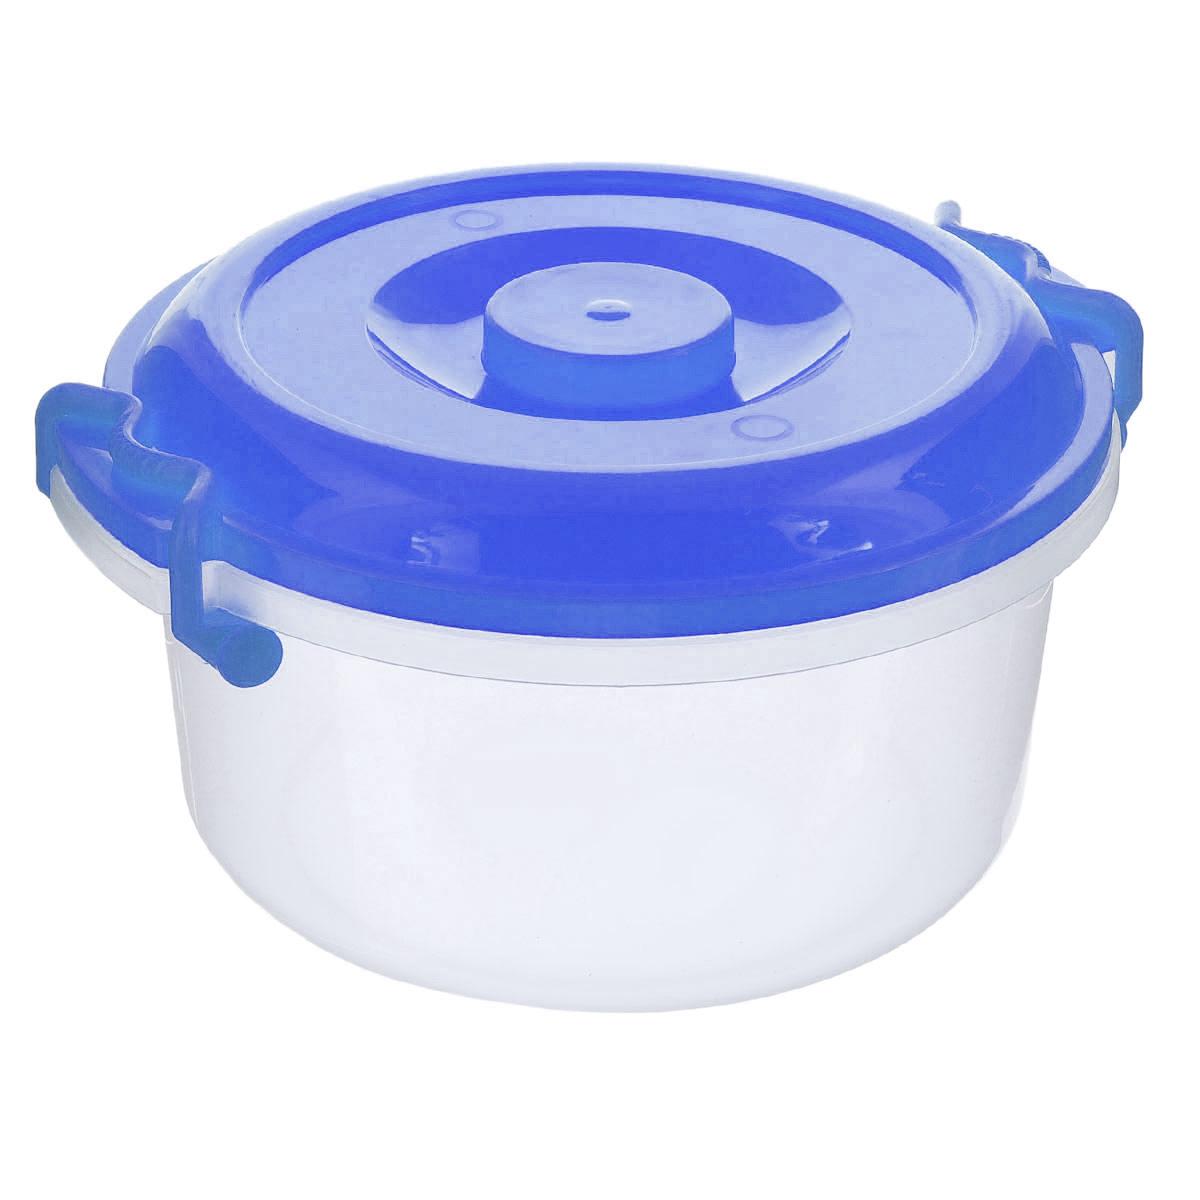 Контейнер Альтернатива, цвет: прозрачный, синий, 5 лМ097Контейнер Альтернатива изготовлен из высококачественного пищевогопластика. Изделие оснащено крышкой и ручками, которые плотно закрываютконтейнер. Также на крышке имеется ручка для удобной переноски. Емкостьпредназначена для хранения различных бытовых вещей и продуктов.Такойконтейнер очень функционален и всегда пригодится на кухне.Диаметр контейнера (по верхнему краю): 25 см.Высота стенок: 13,5 см.Объем: 5 л.